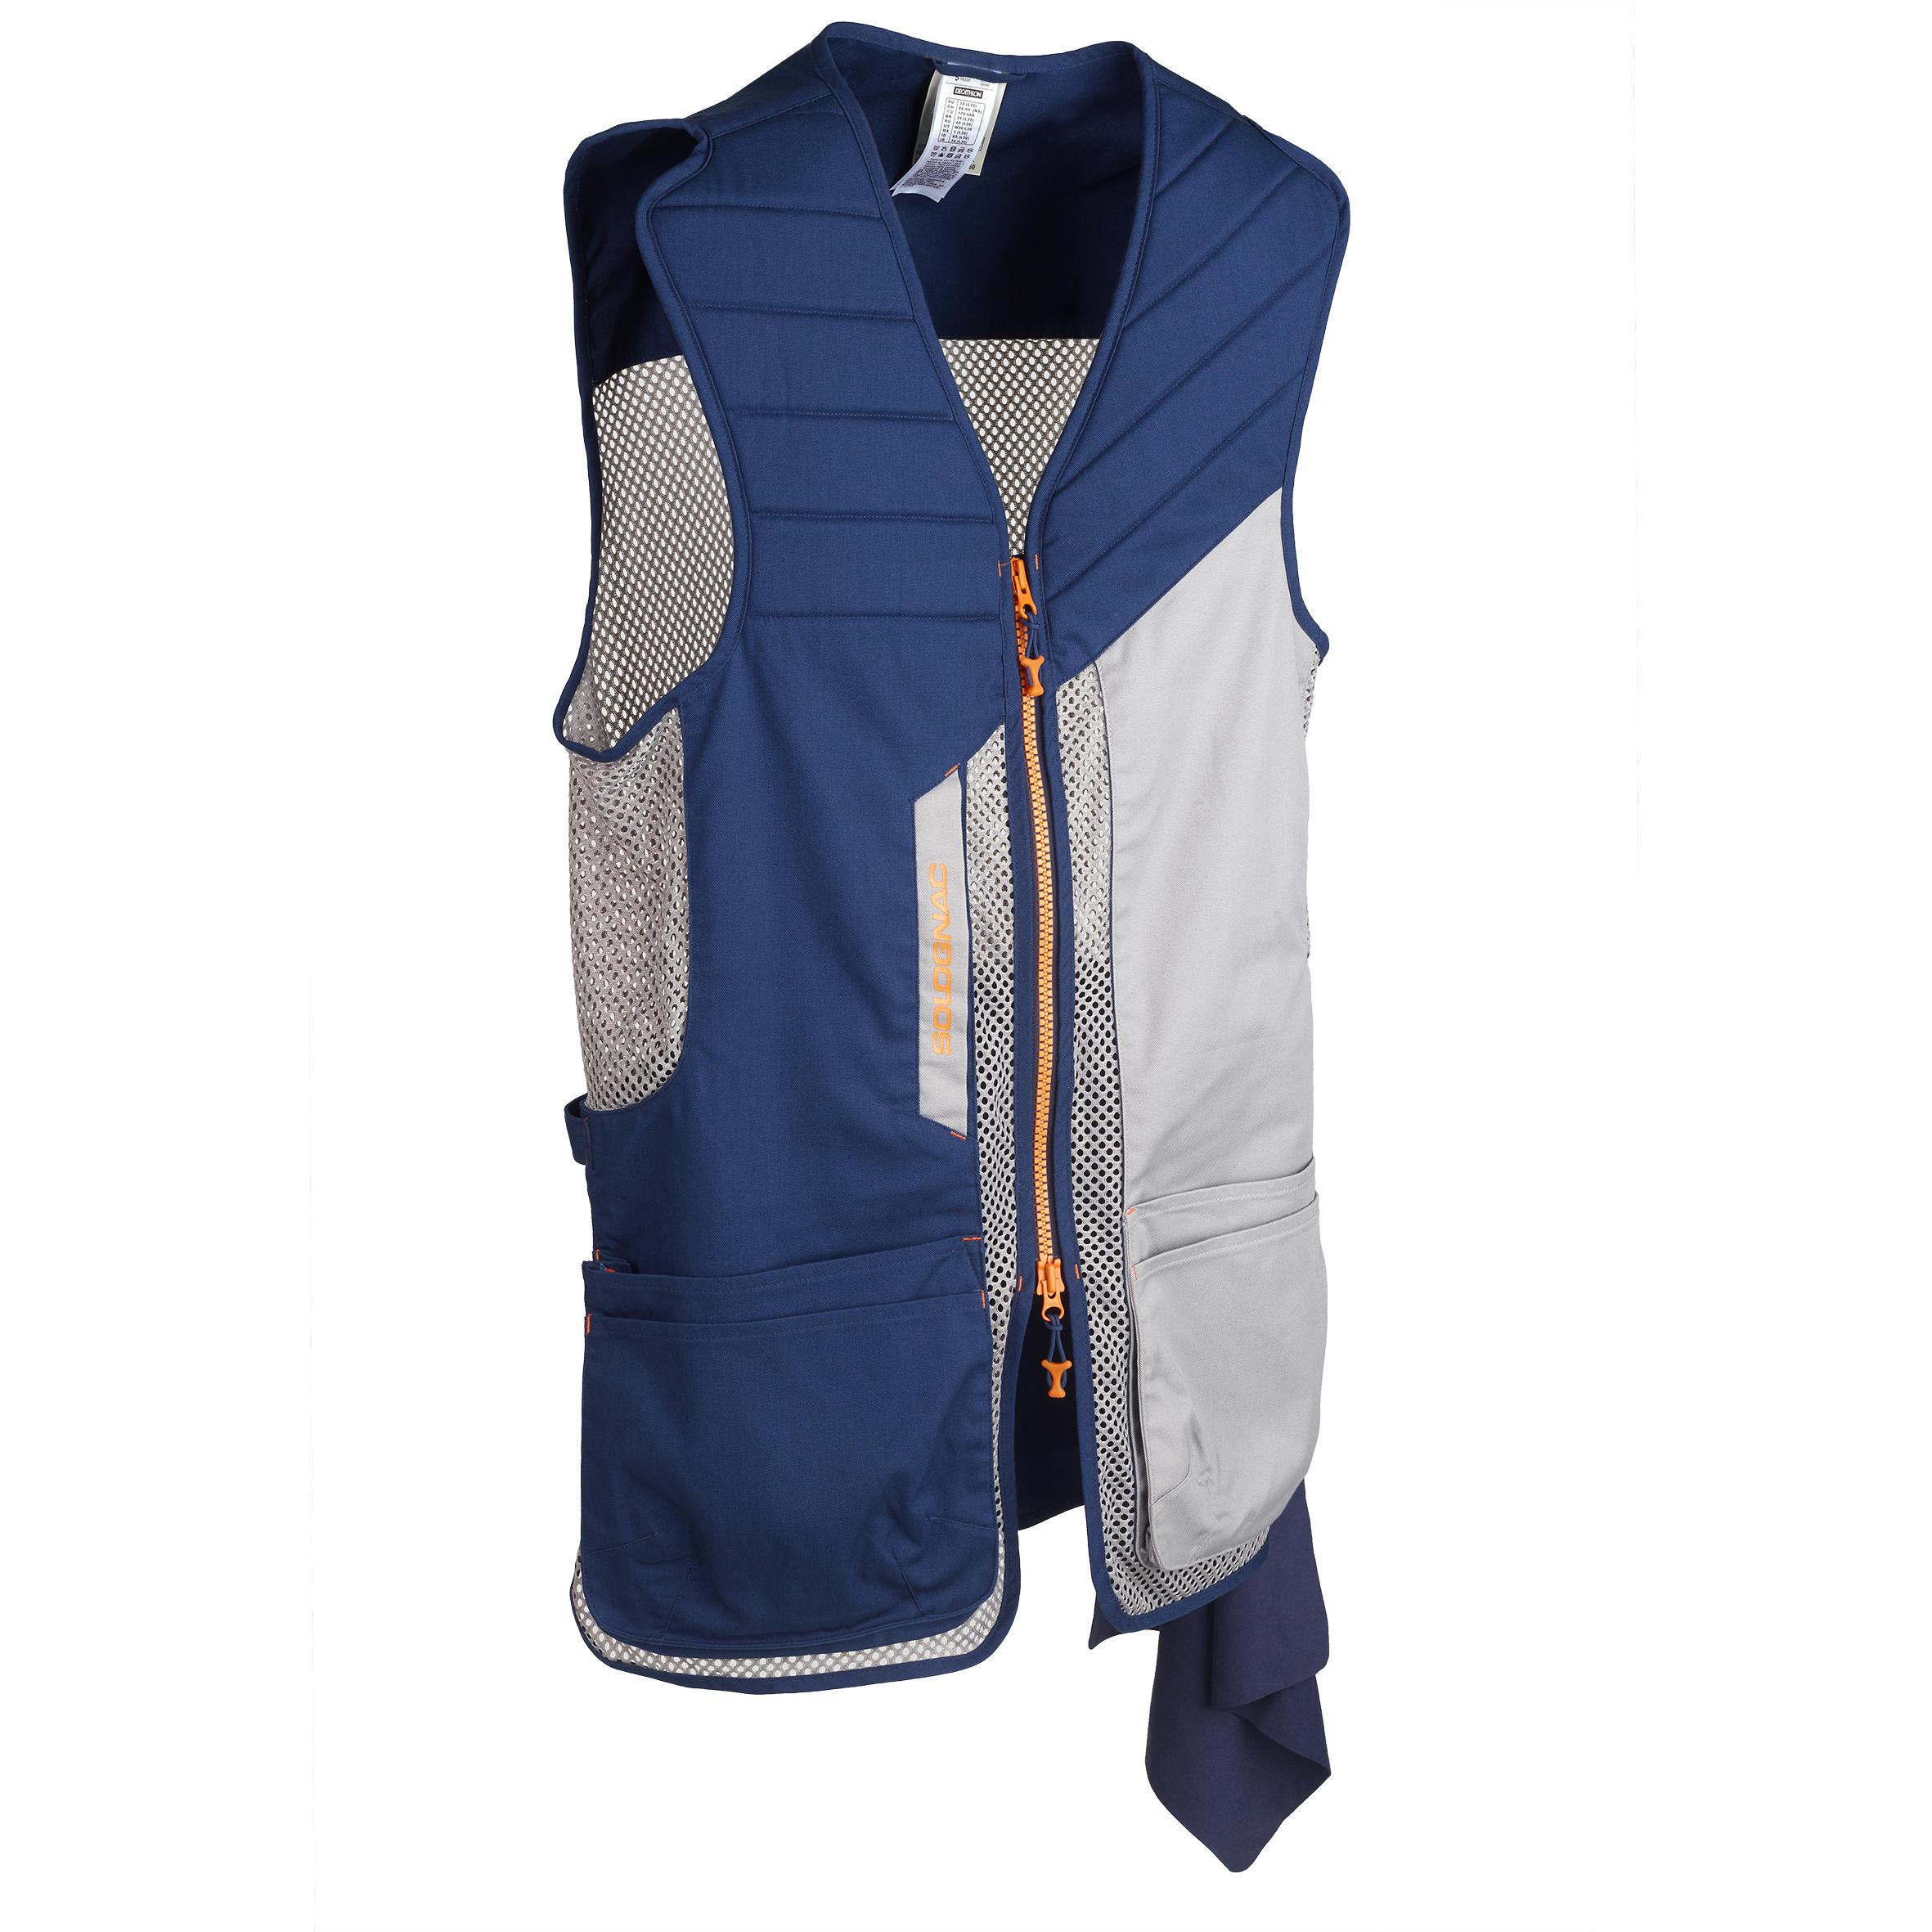 Zoek je Solognac Sportkleding heren Bovenkleding heren Heren /Dames? Solognac Vest kleiduifschieten 500 BLAUW/GRIJS maat  XL het voordeligst hier